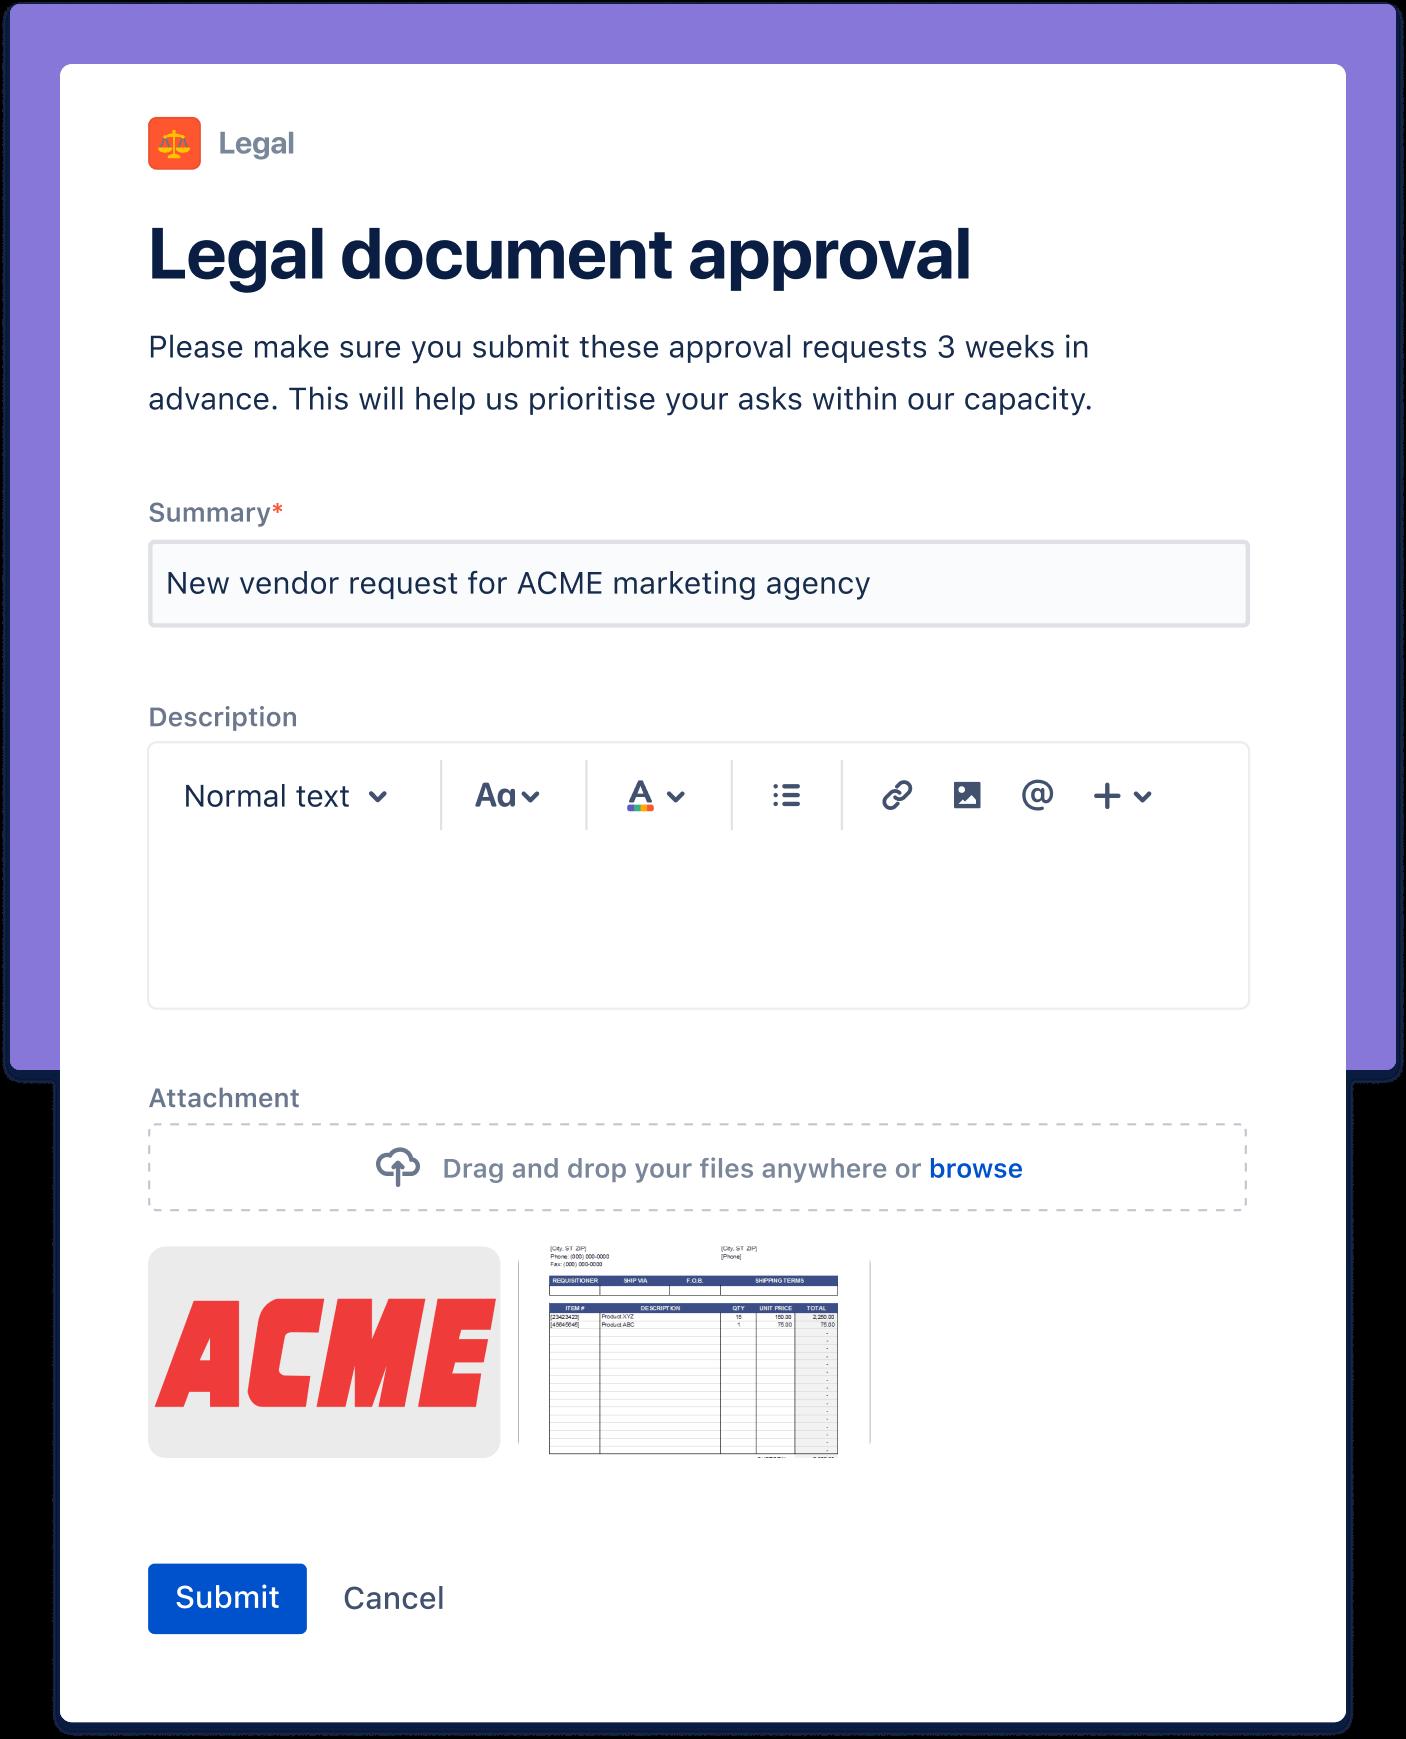 Снимок экрана: подтверждение юридического документа